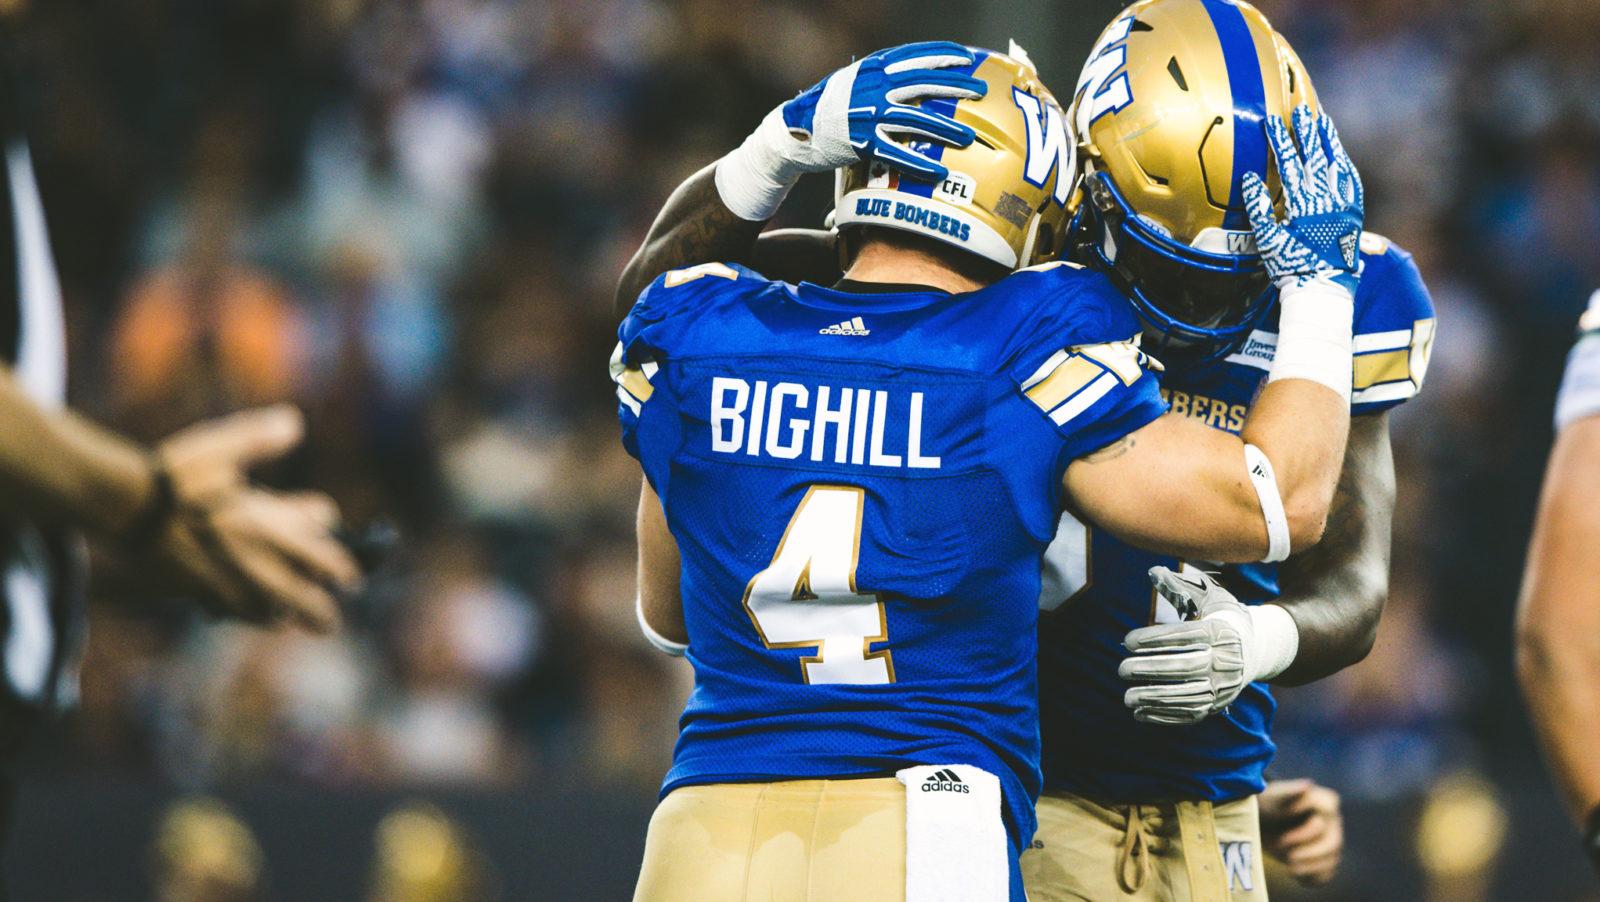 Big news for Winnipeg – Bighill signs a long term deal